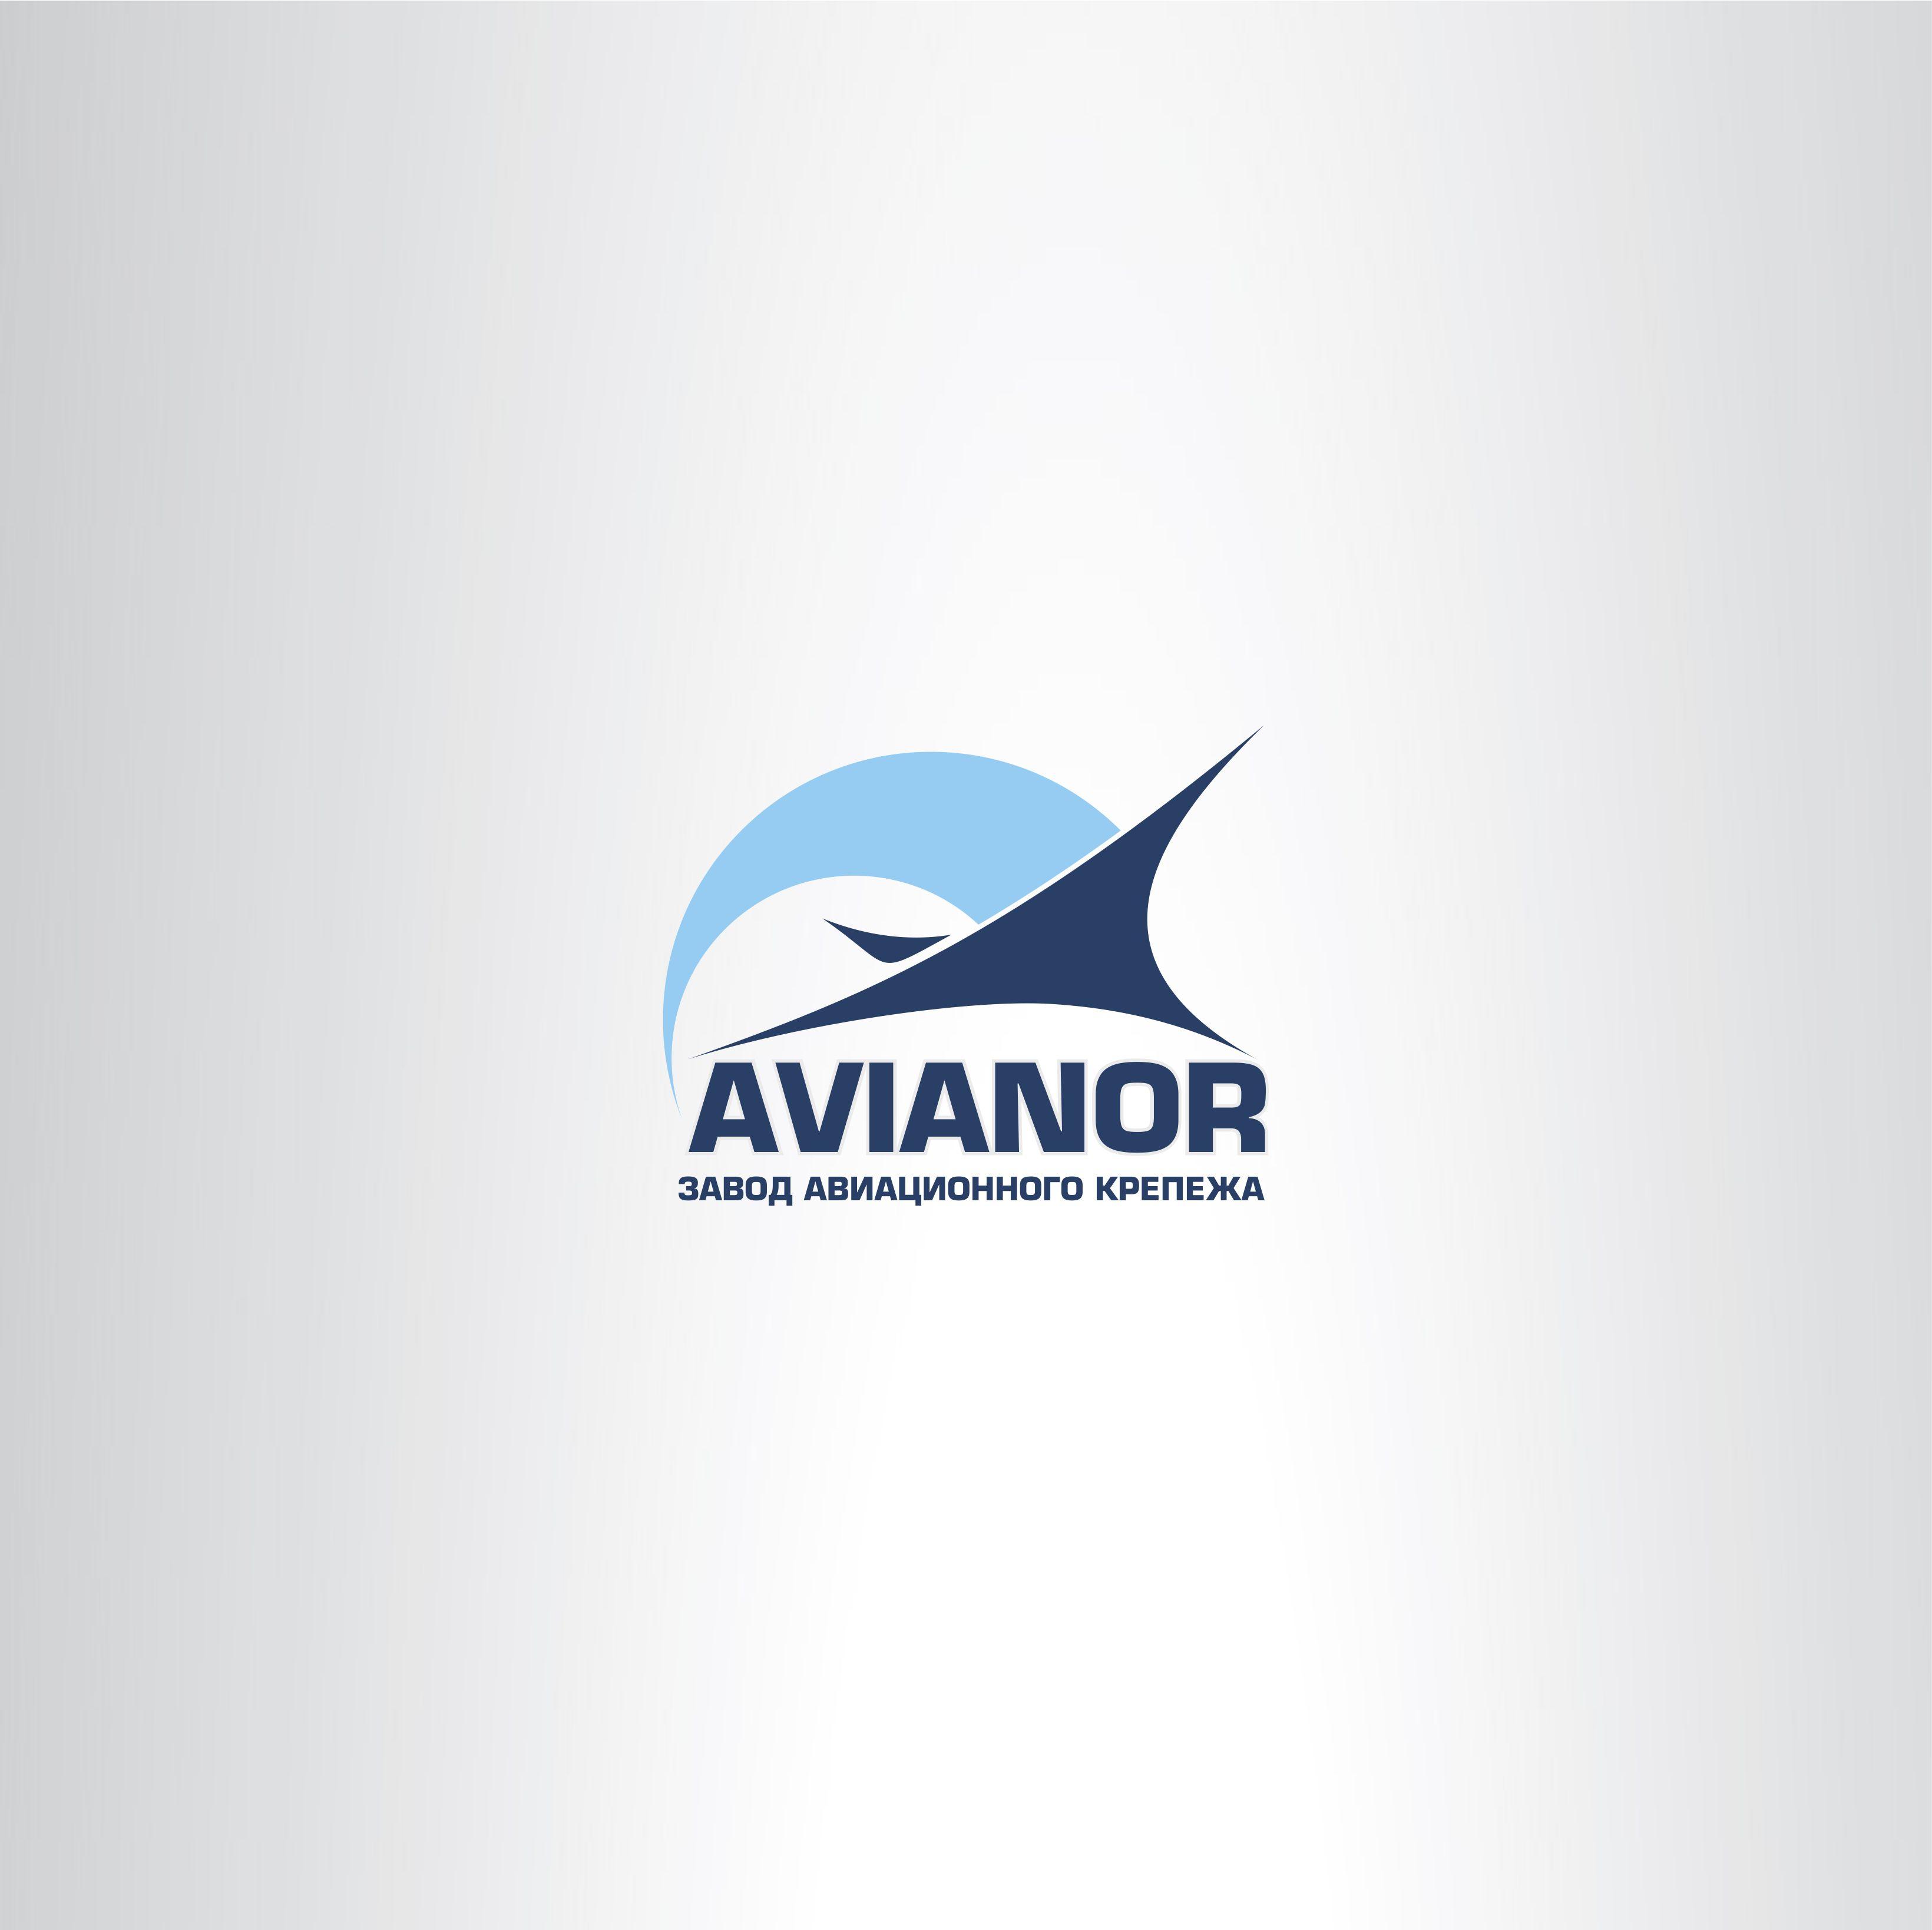 Нужен логотип и фирменный стиль для завода фото f_6835293428d820dc.jpg